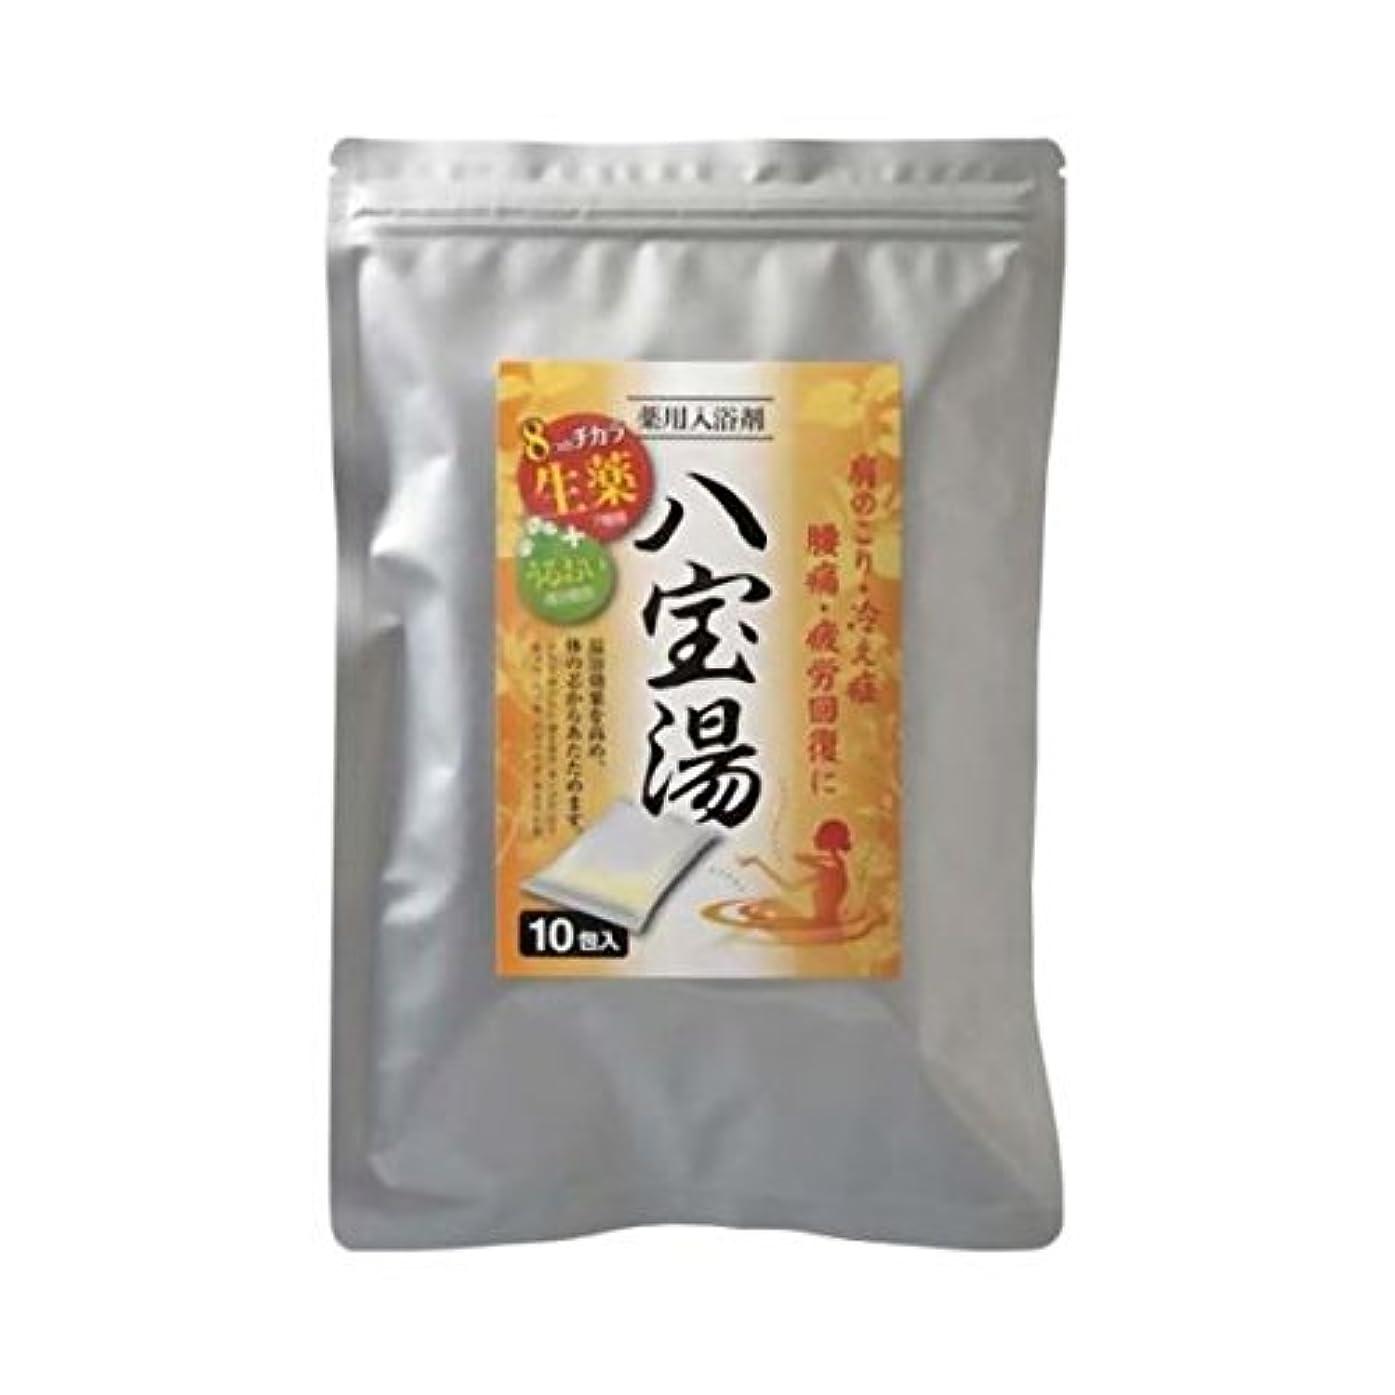 通り増加する手つかずの【お徳用 3 セット】 薬用入浴剤 八宝湯 カモミールの香り 10包×3セット